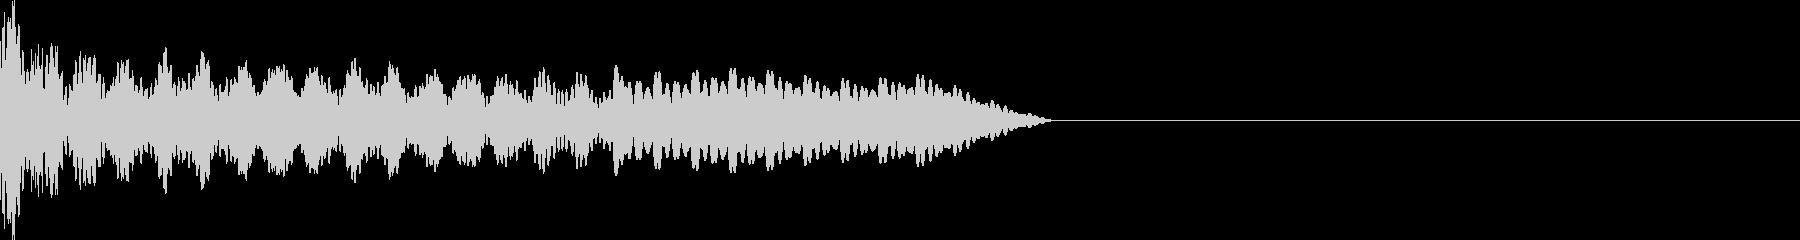 UI系 カーソル移動 ティロの未再生の波形